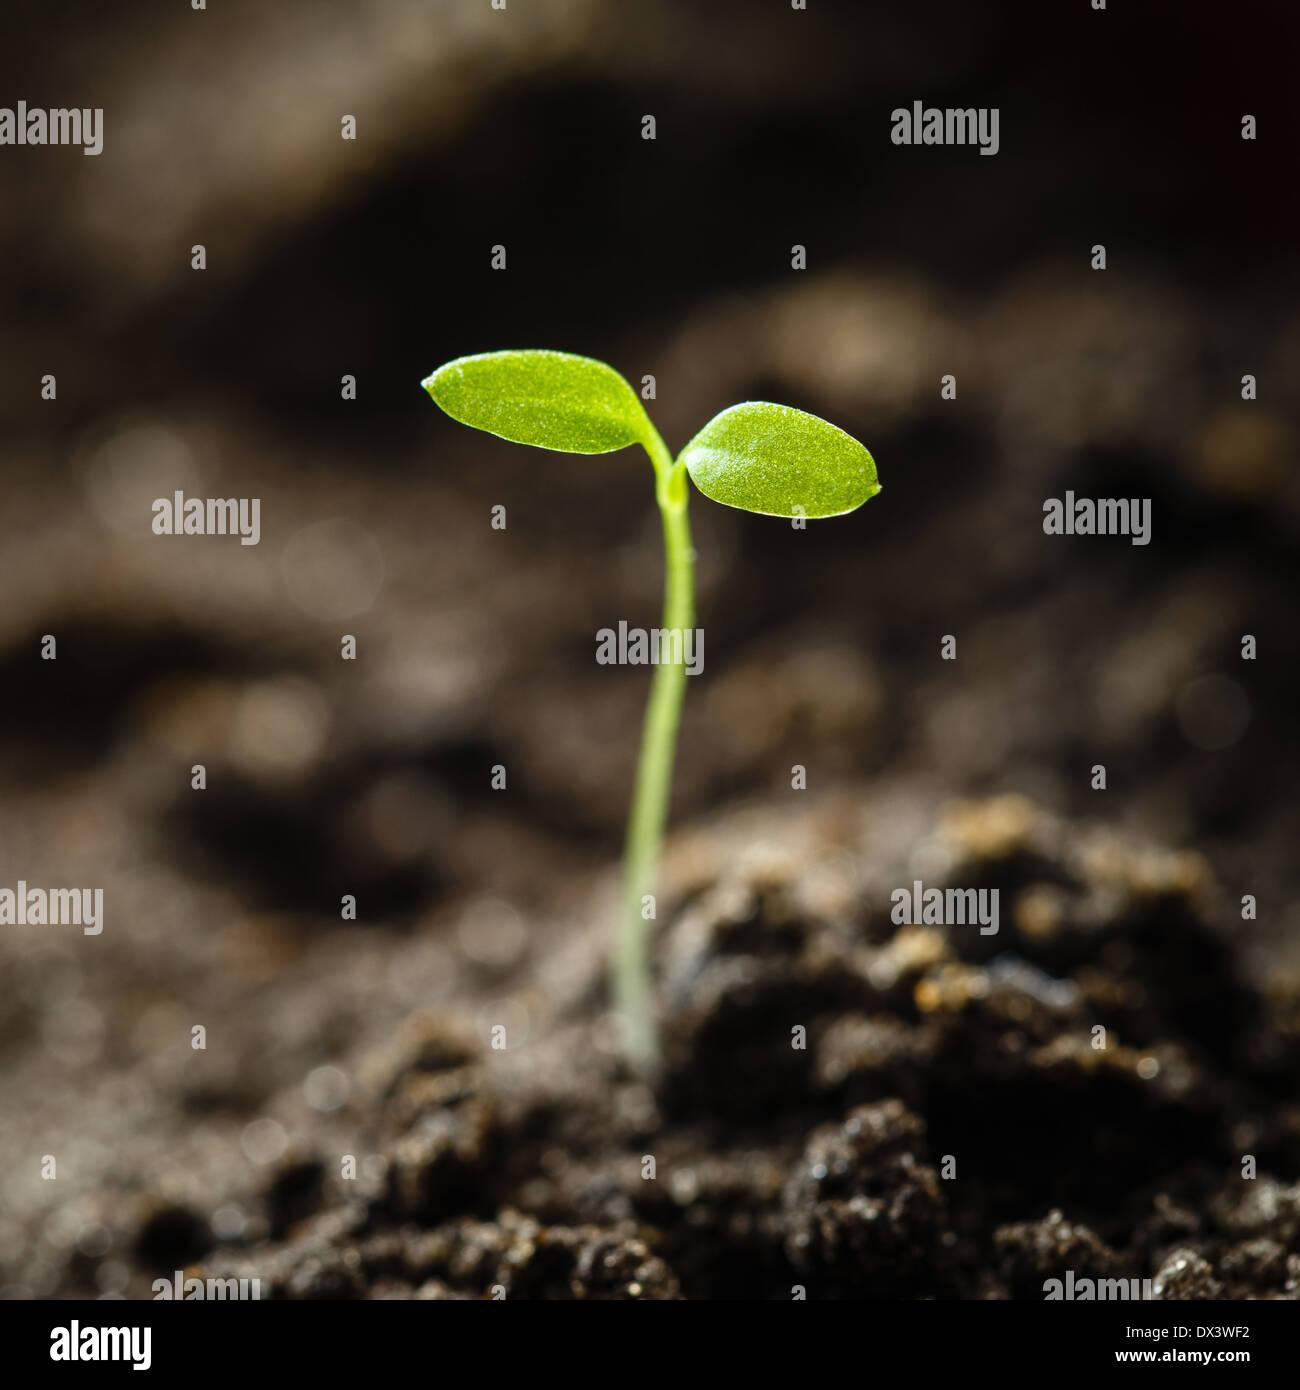 Cultivo a partir de semillas germinadas verde aislar sobre fondo blanco. Símbolo de primavera, el concepto Imagen De Stock